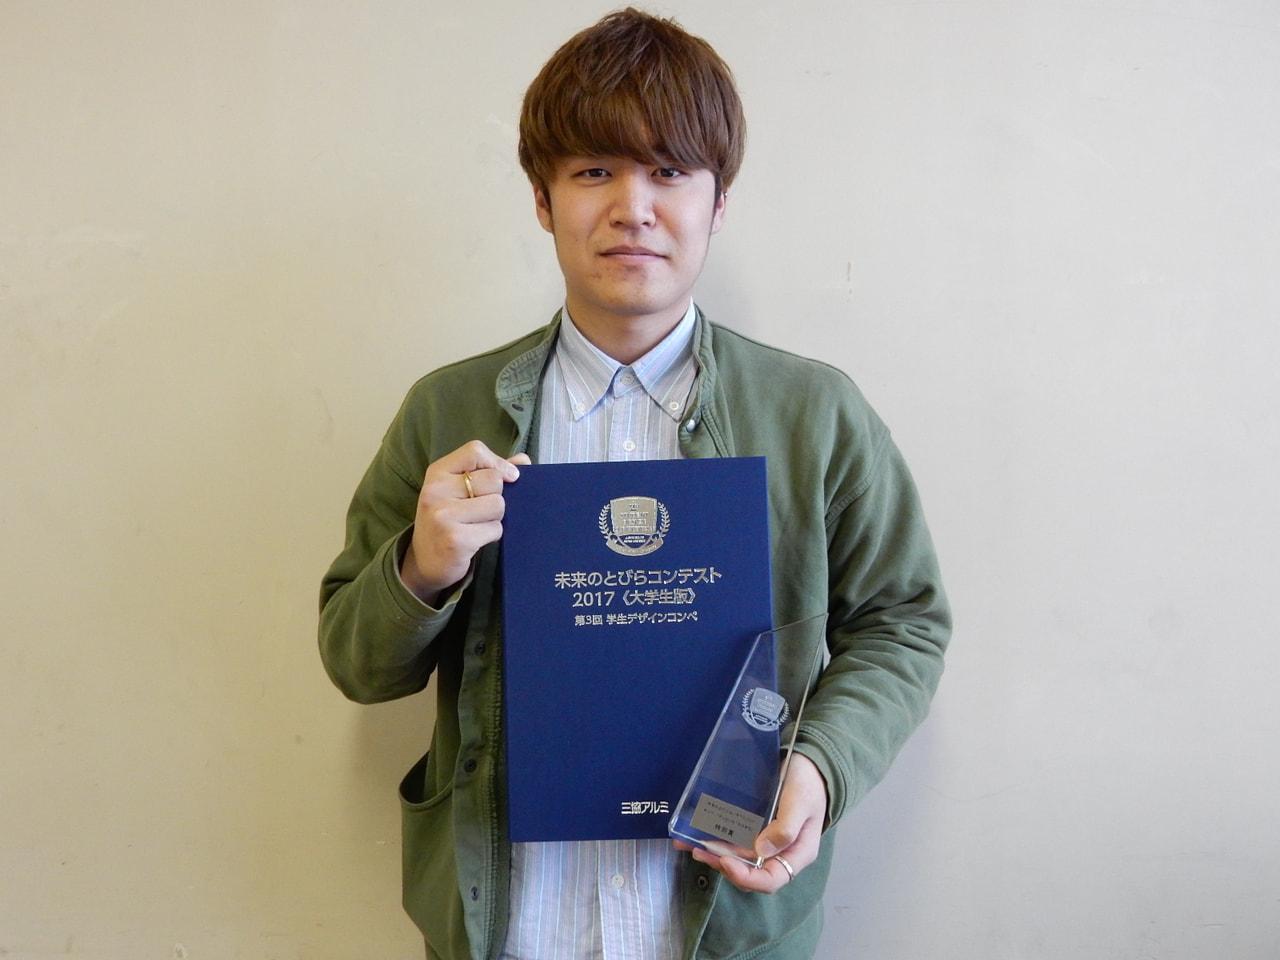 加嶋研究室3年生 北野大祐くんが【未来のとびらコンテスト2017≪大学生版≫】で特別賞を受賞しました